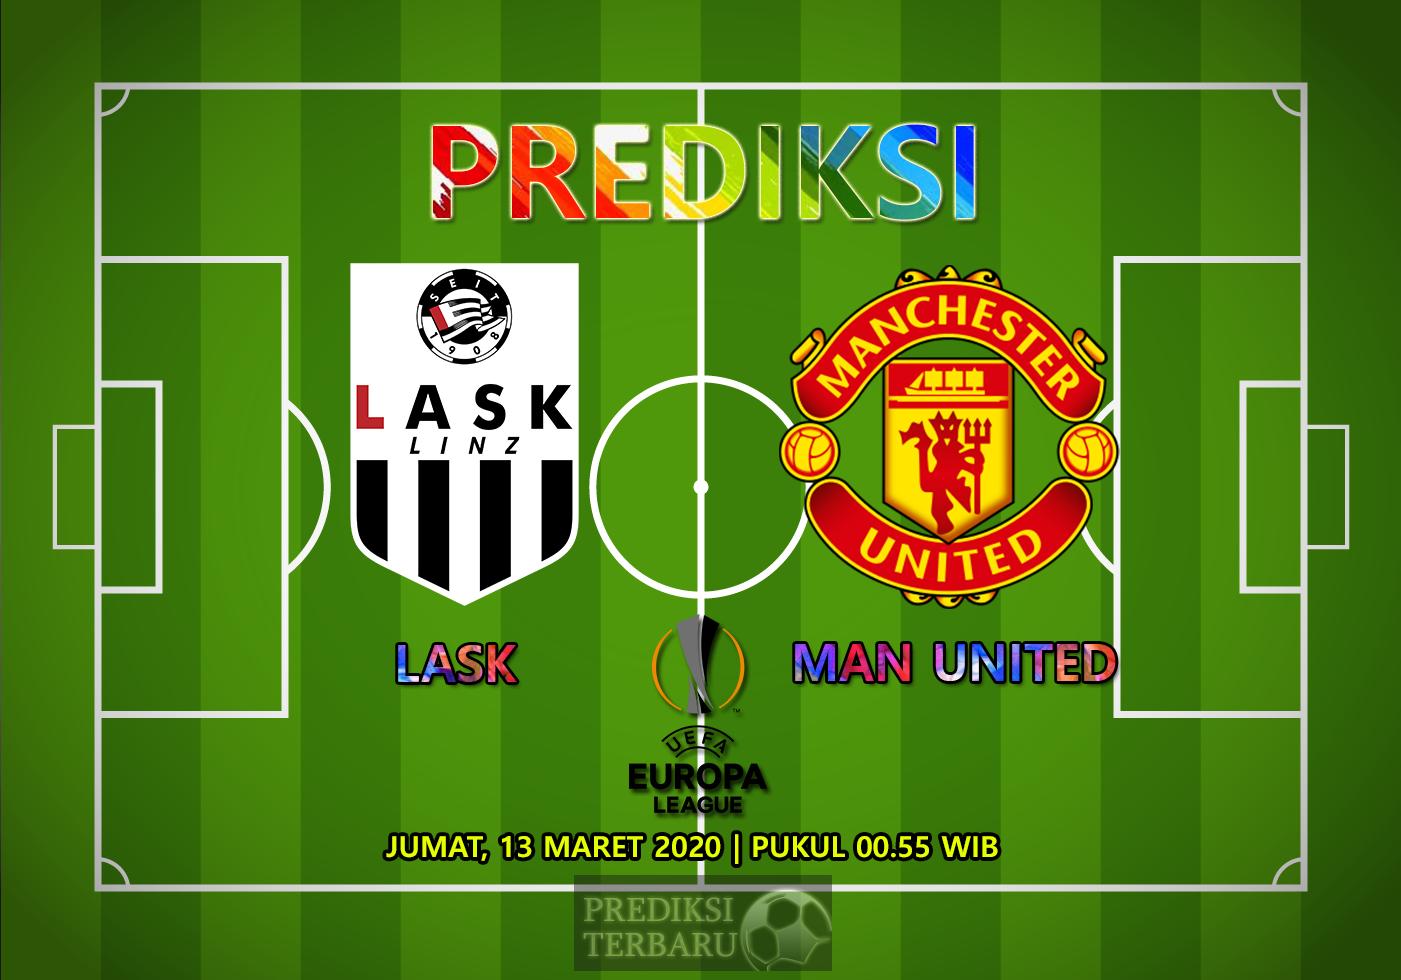 Prediksi LASK Vs Manchester United Jumat 13 Maret